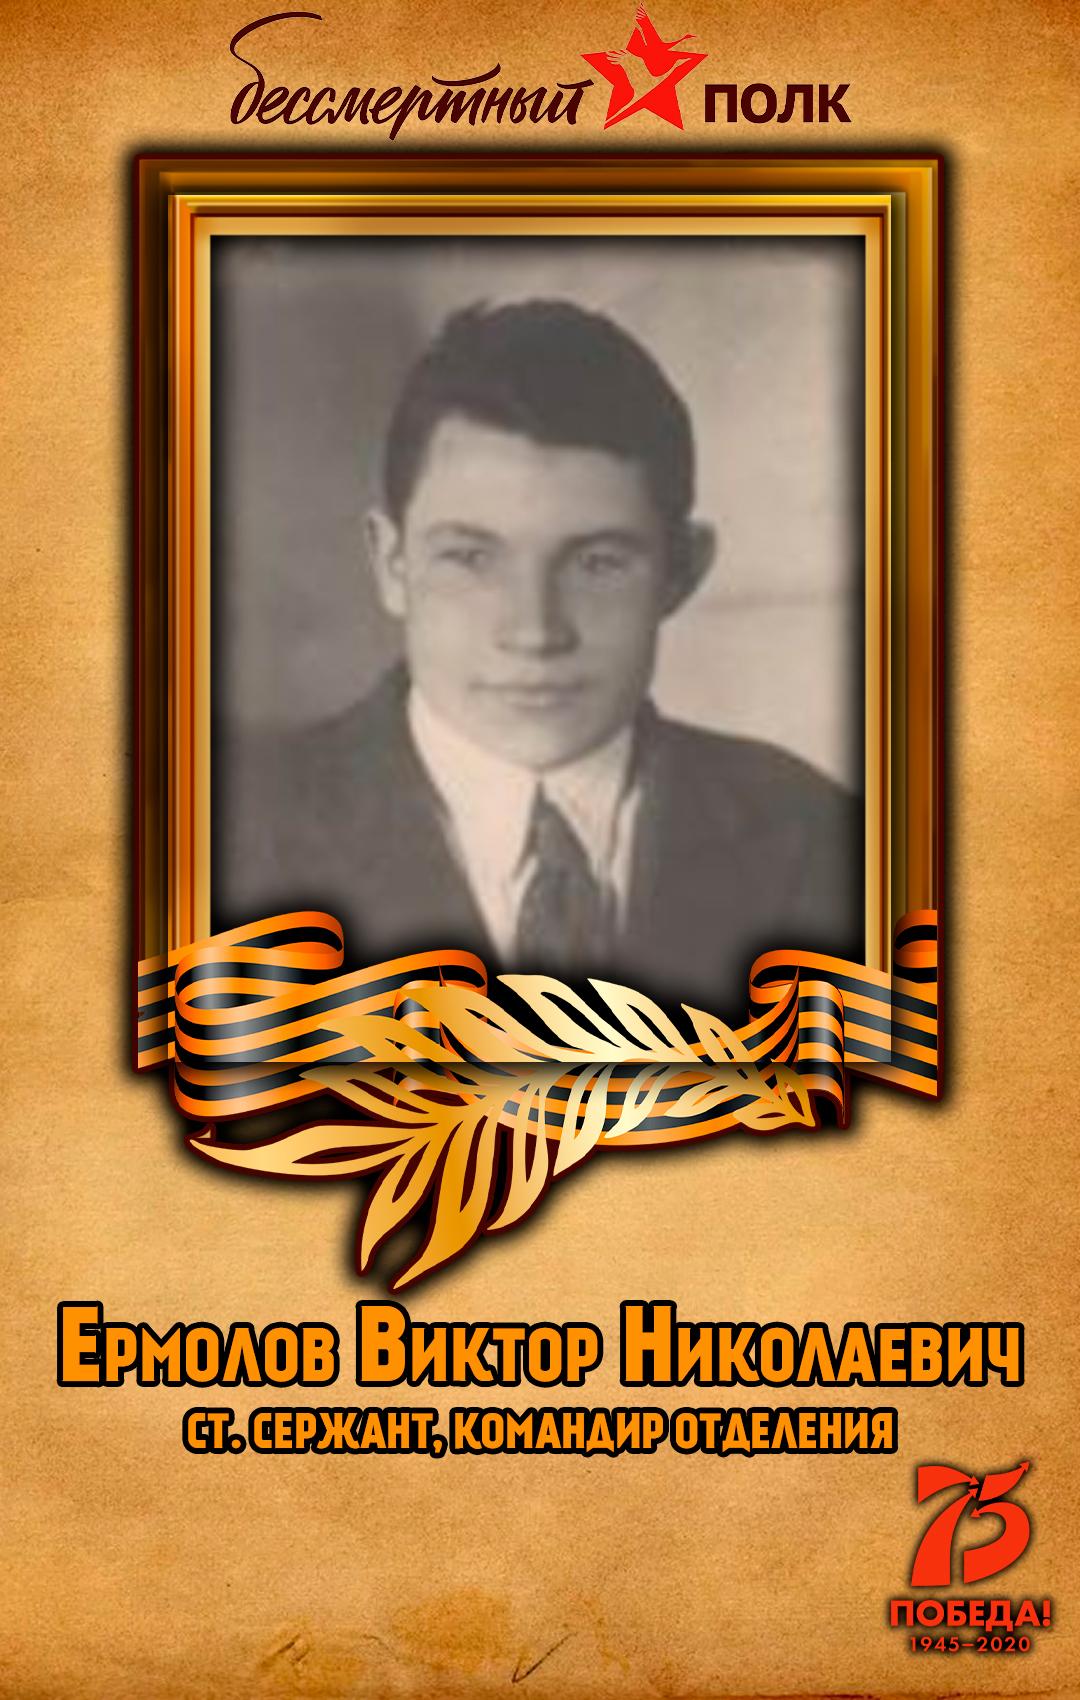 Ермолов-Виктор-Николаевич